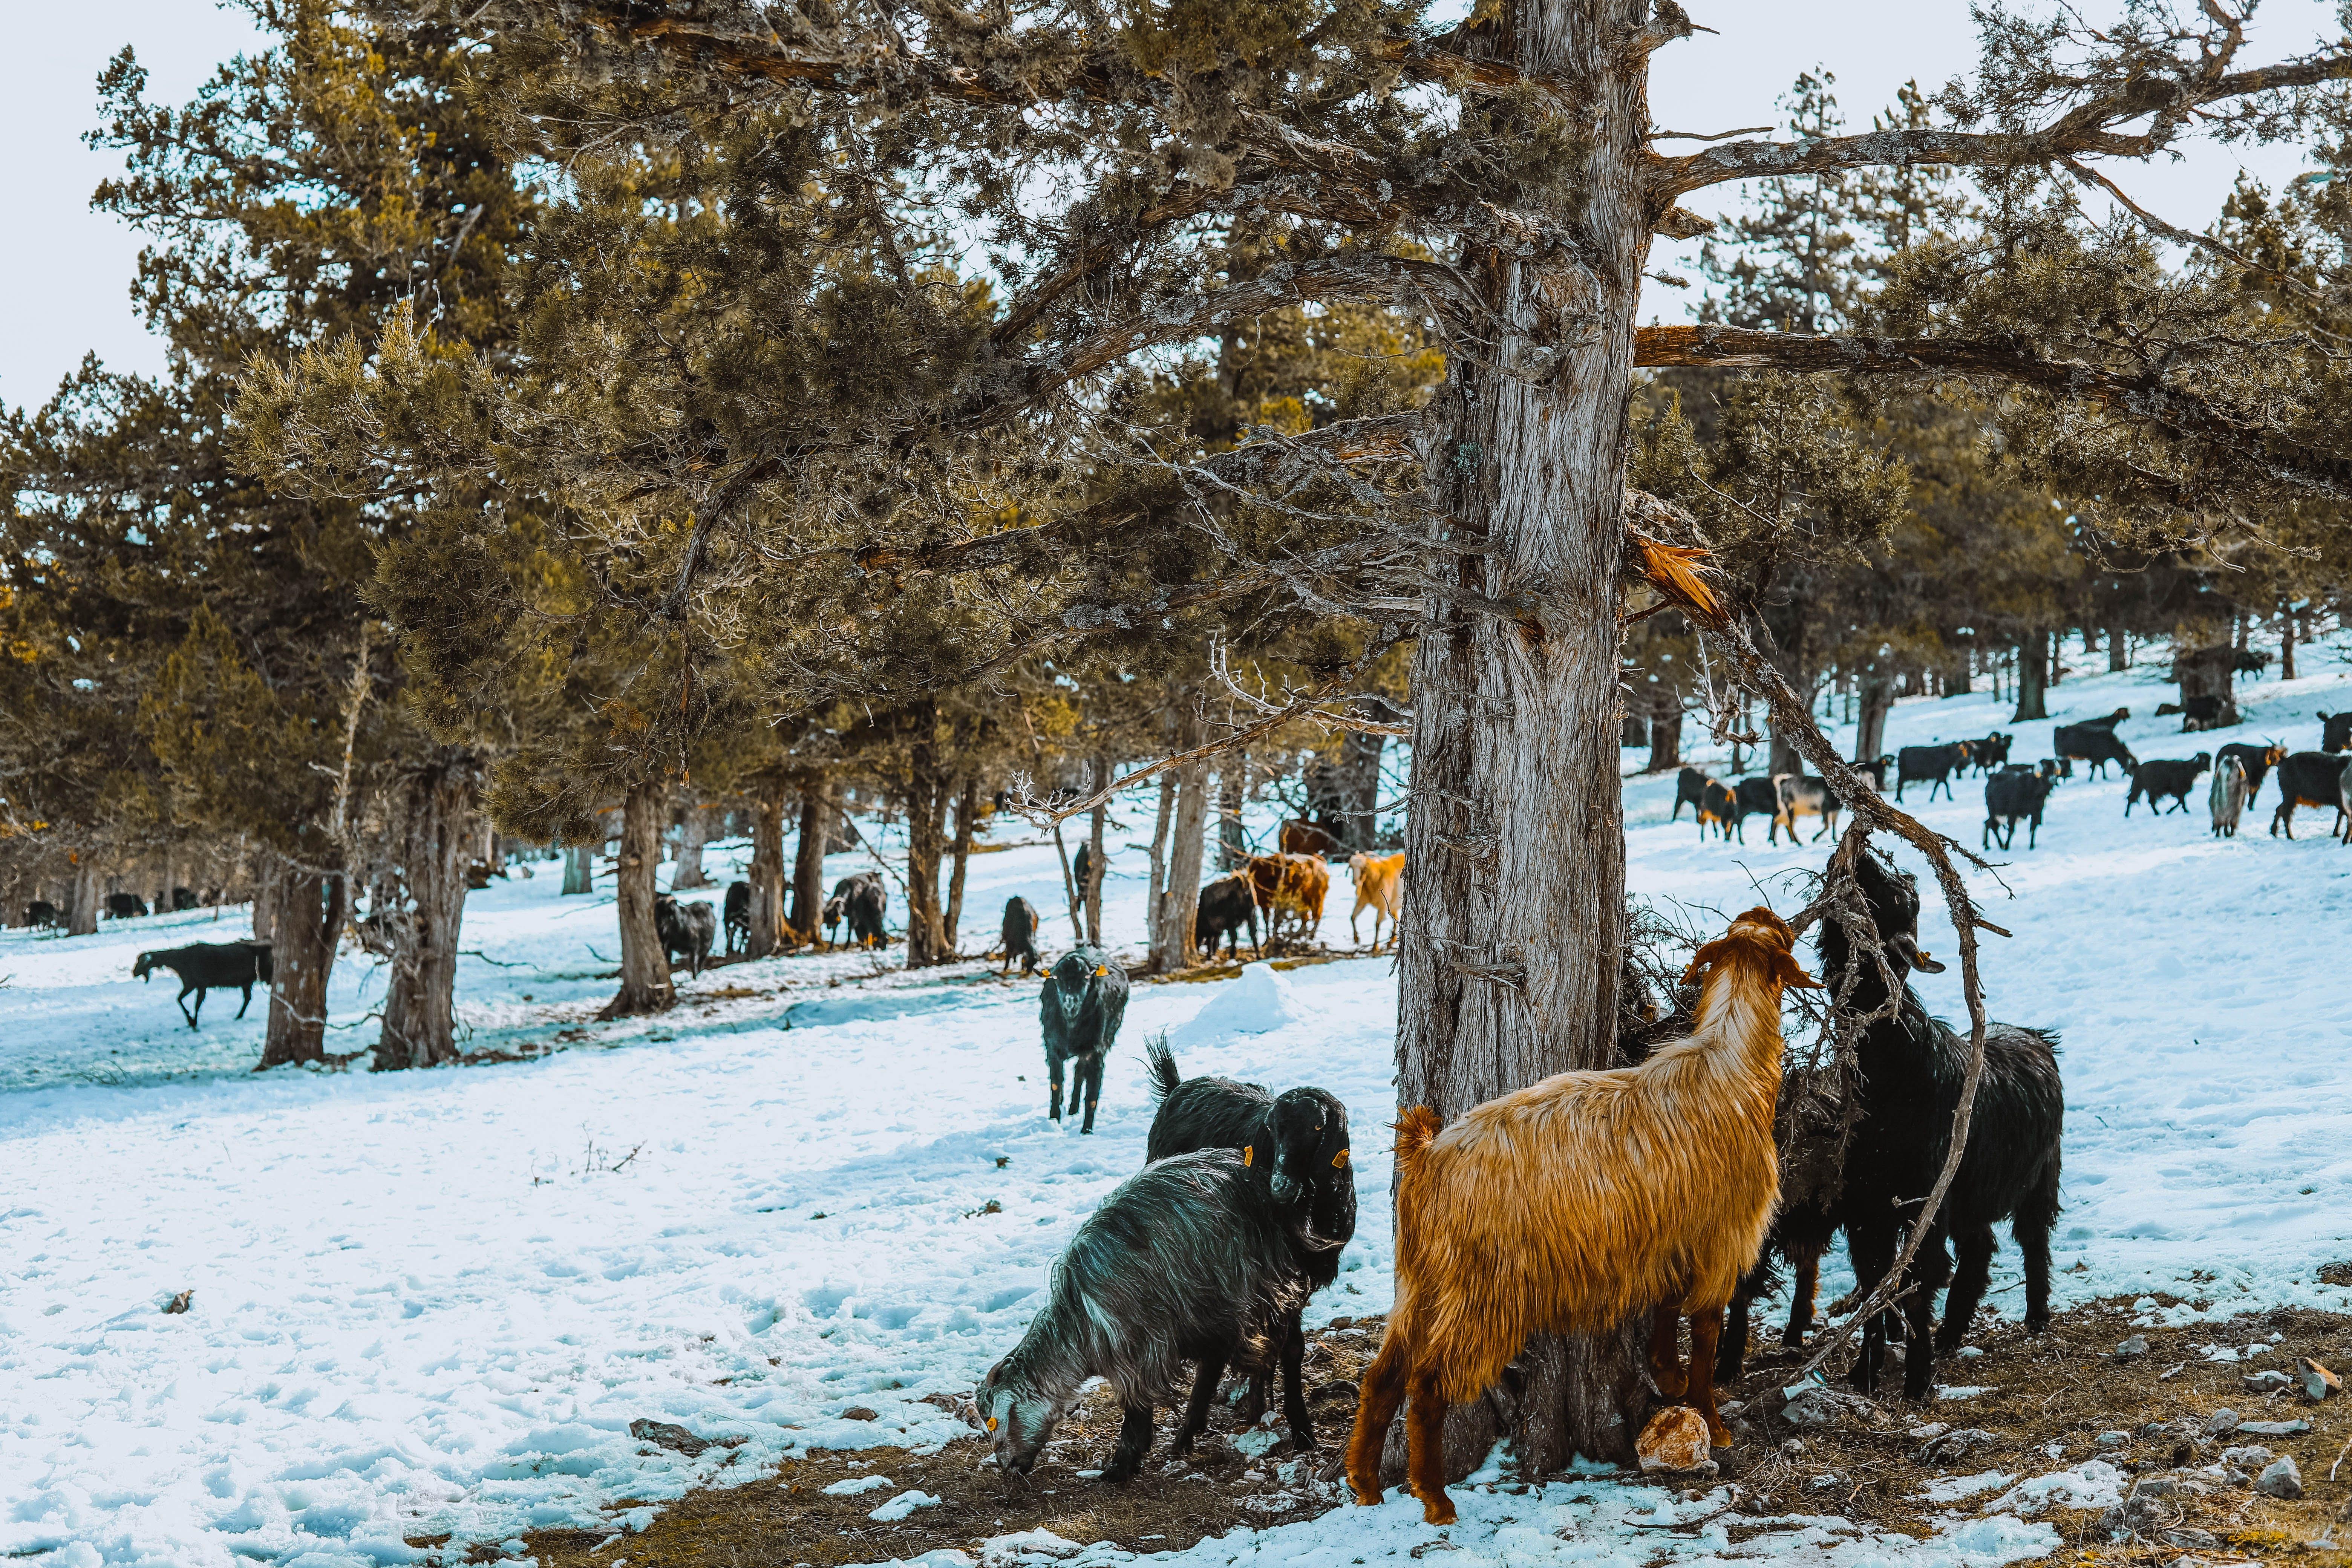 Kostenloses Stock Foto zu bäume, draußen, einfrieren, eis